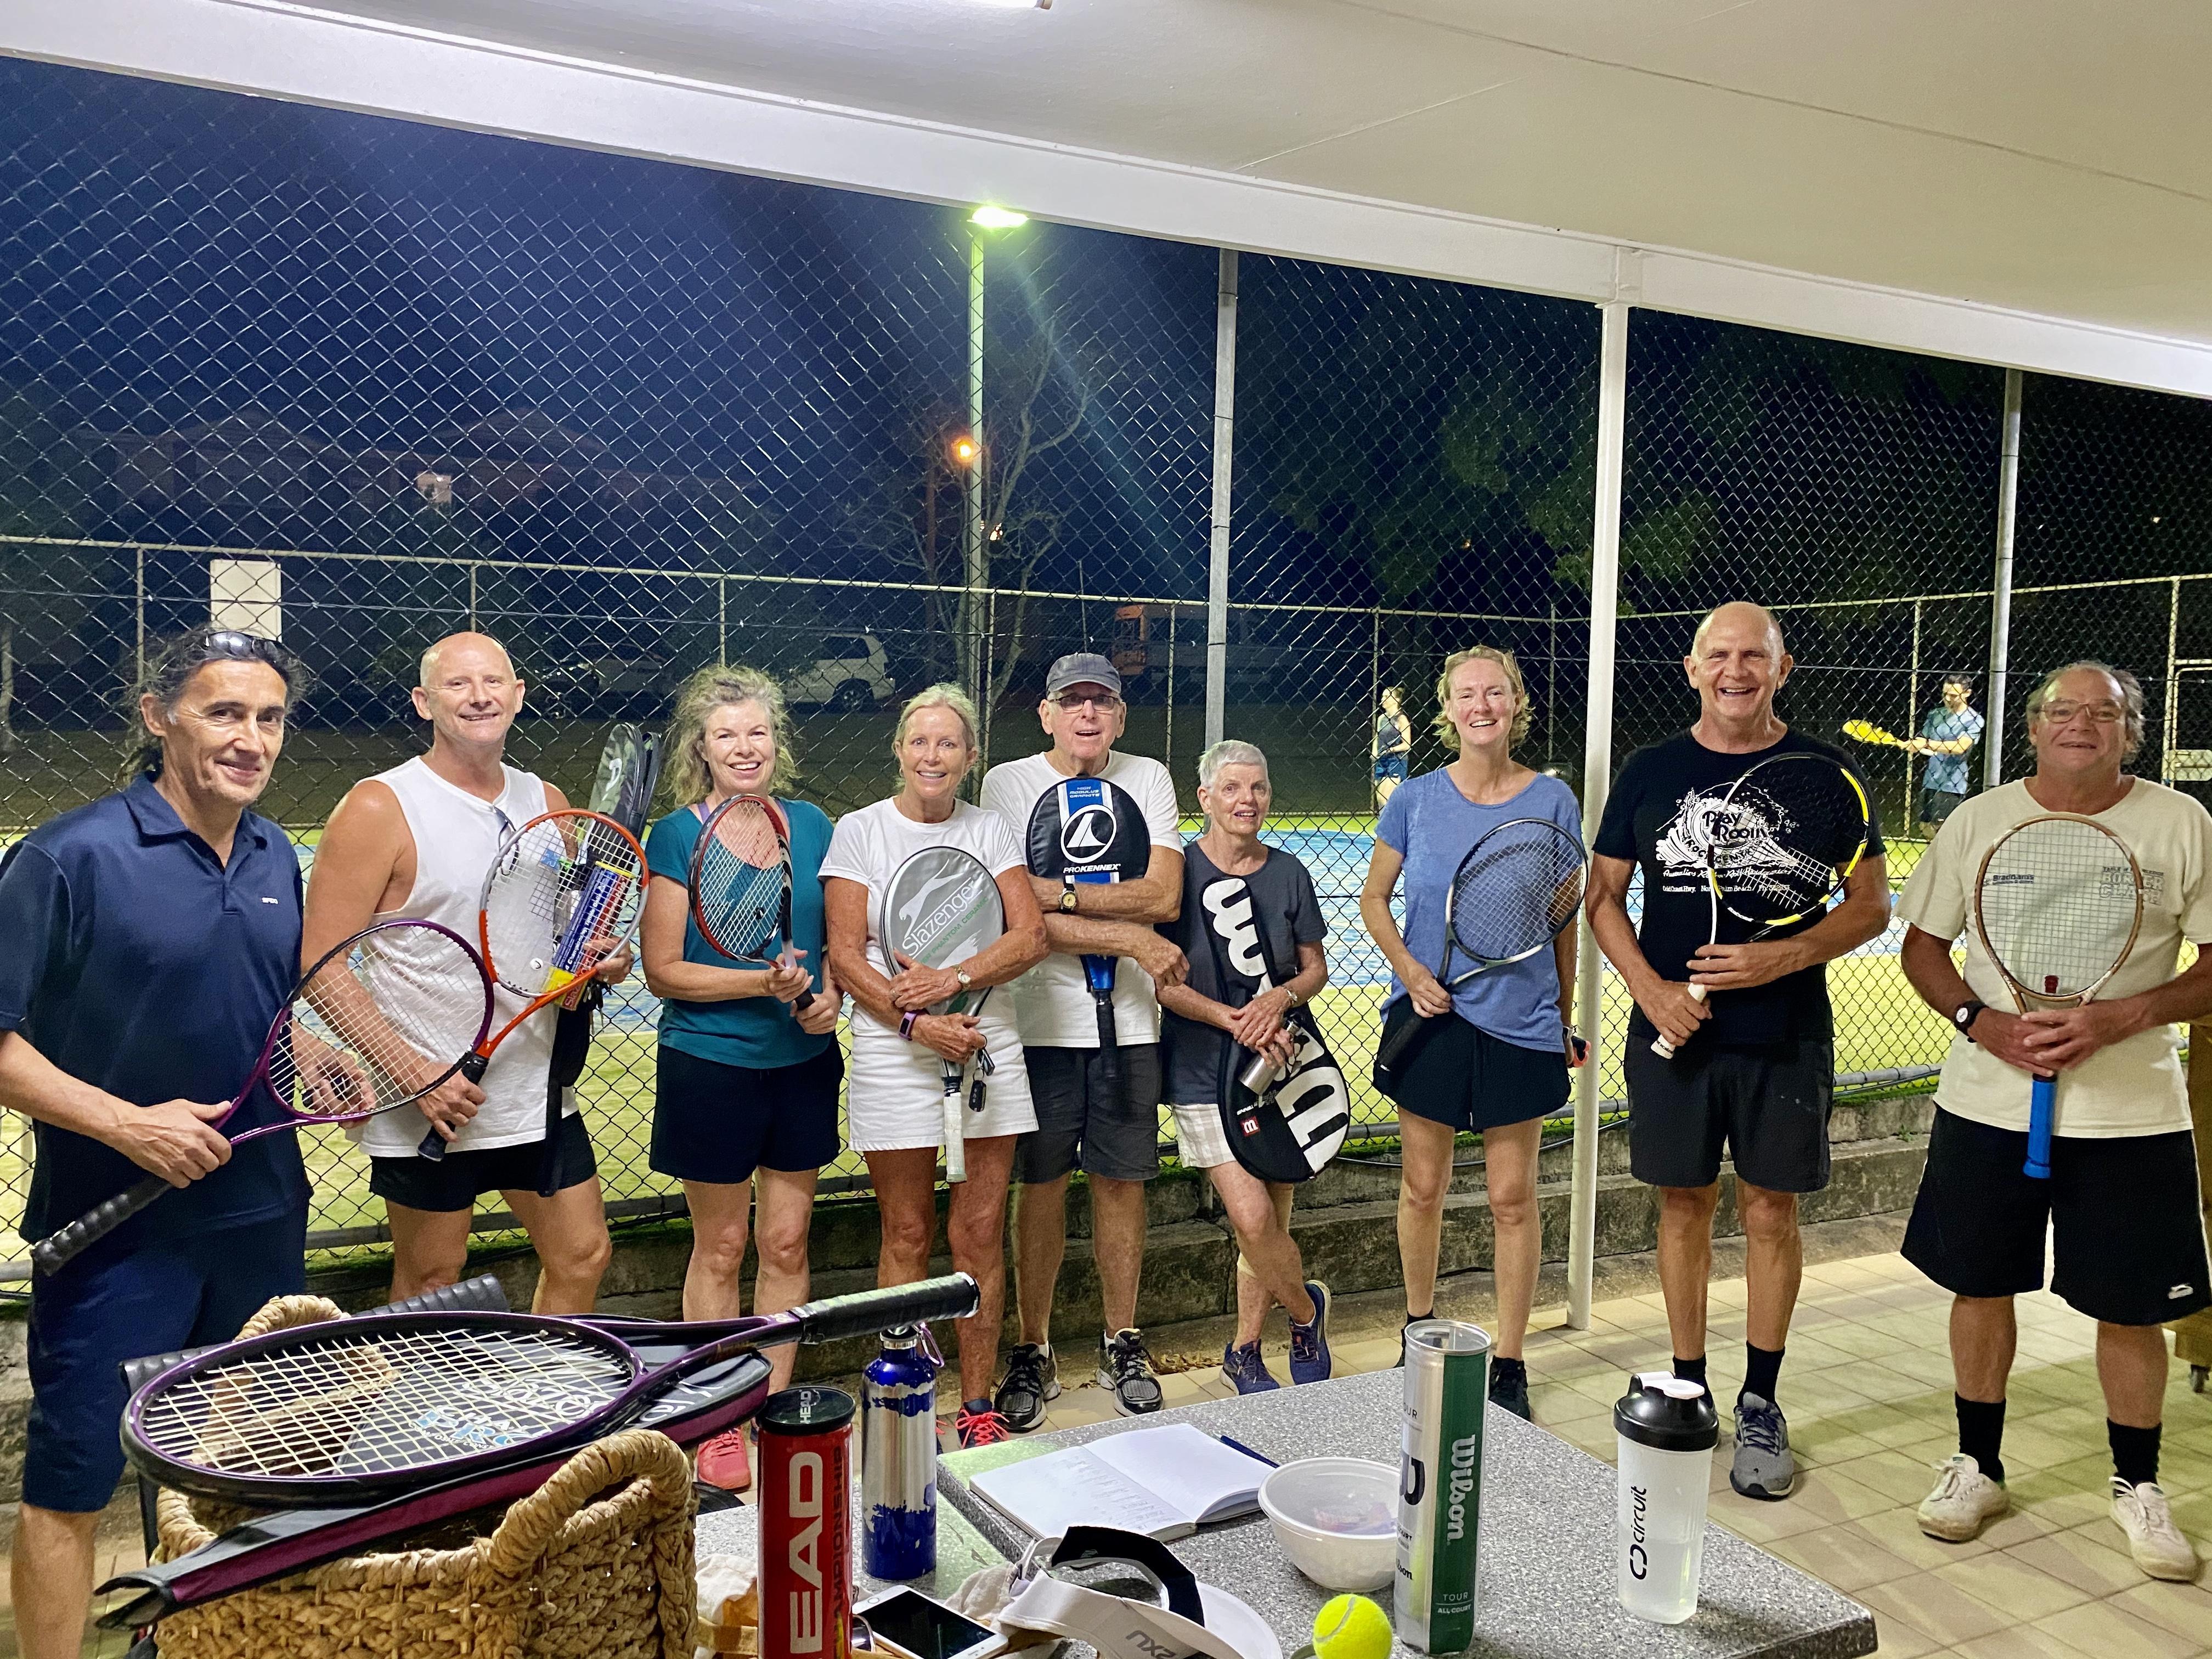 PALM BEACH - Tennis on 11th Avenue Palm Beach All welcome